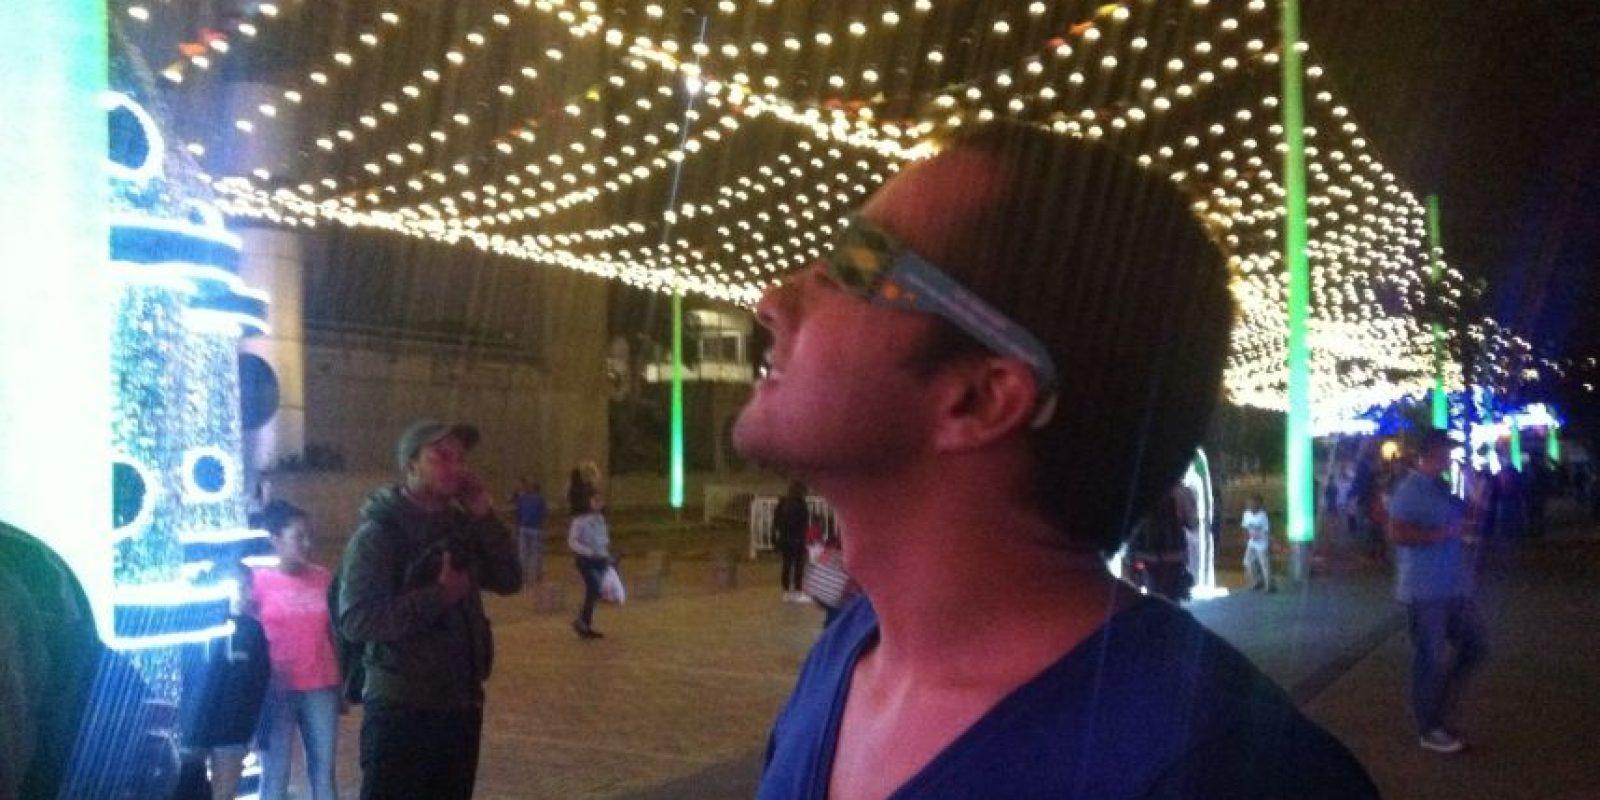 Sorprendidos los visitantes al observar detenidamente cada bombillo Foto:Publimetro